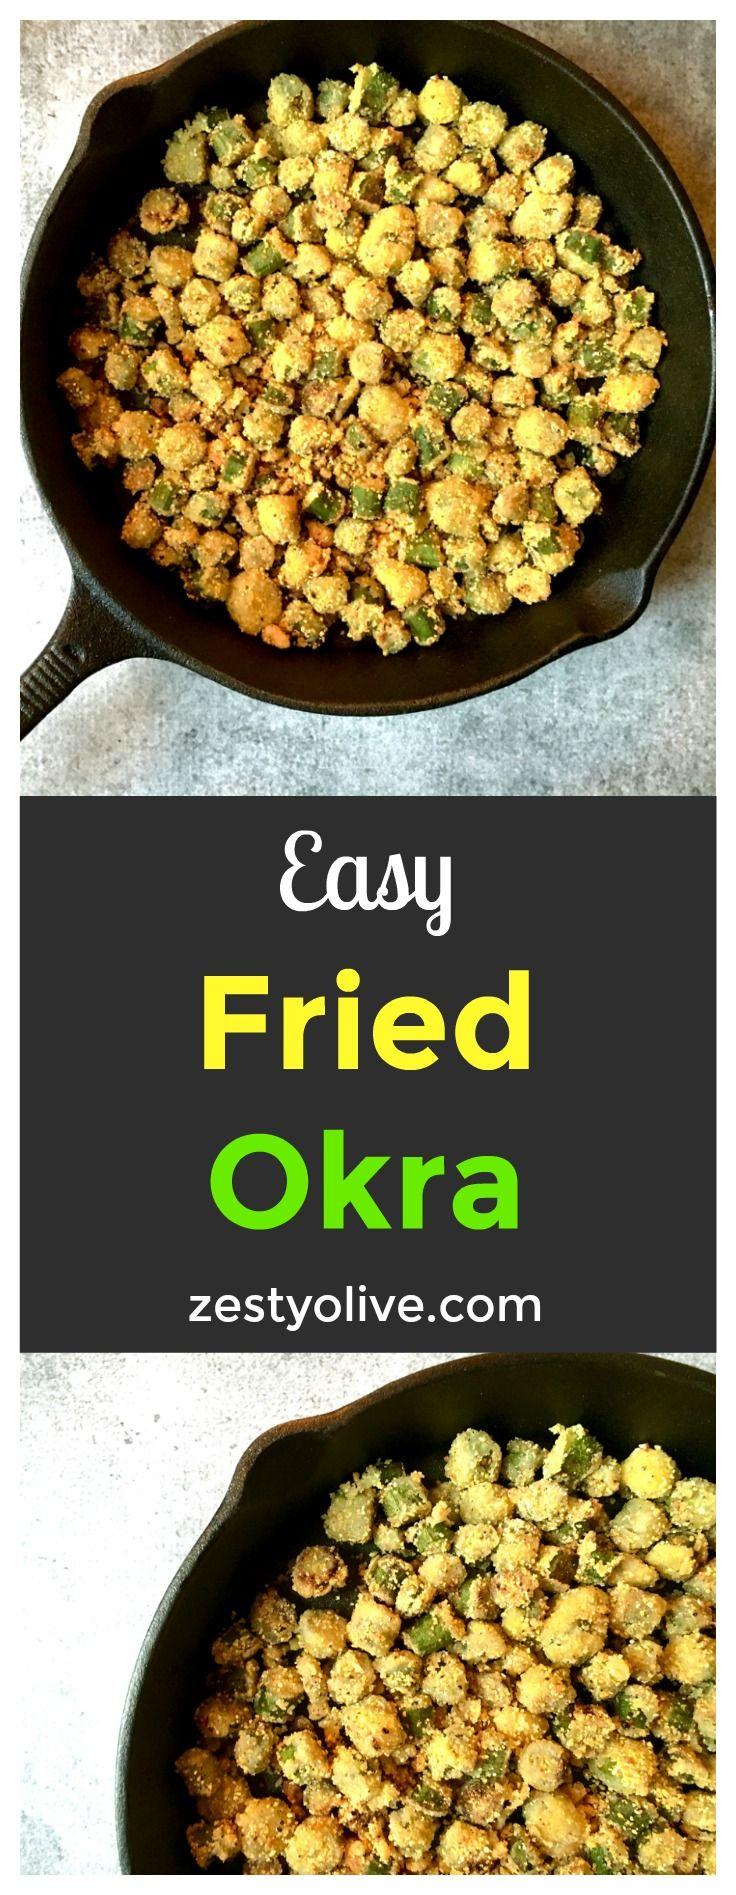 Easy Fried Okra Recipe